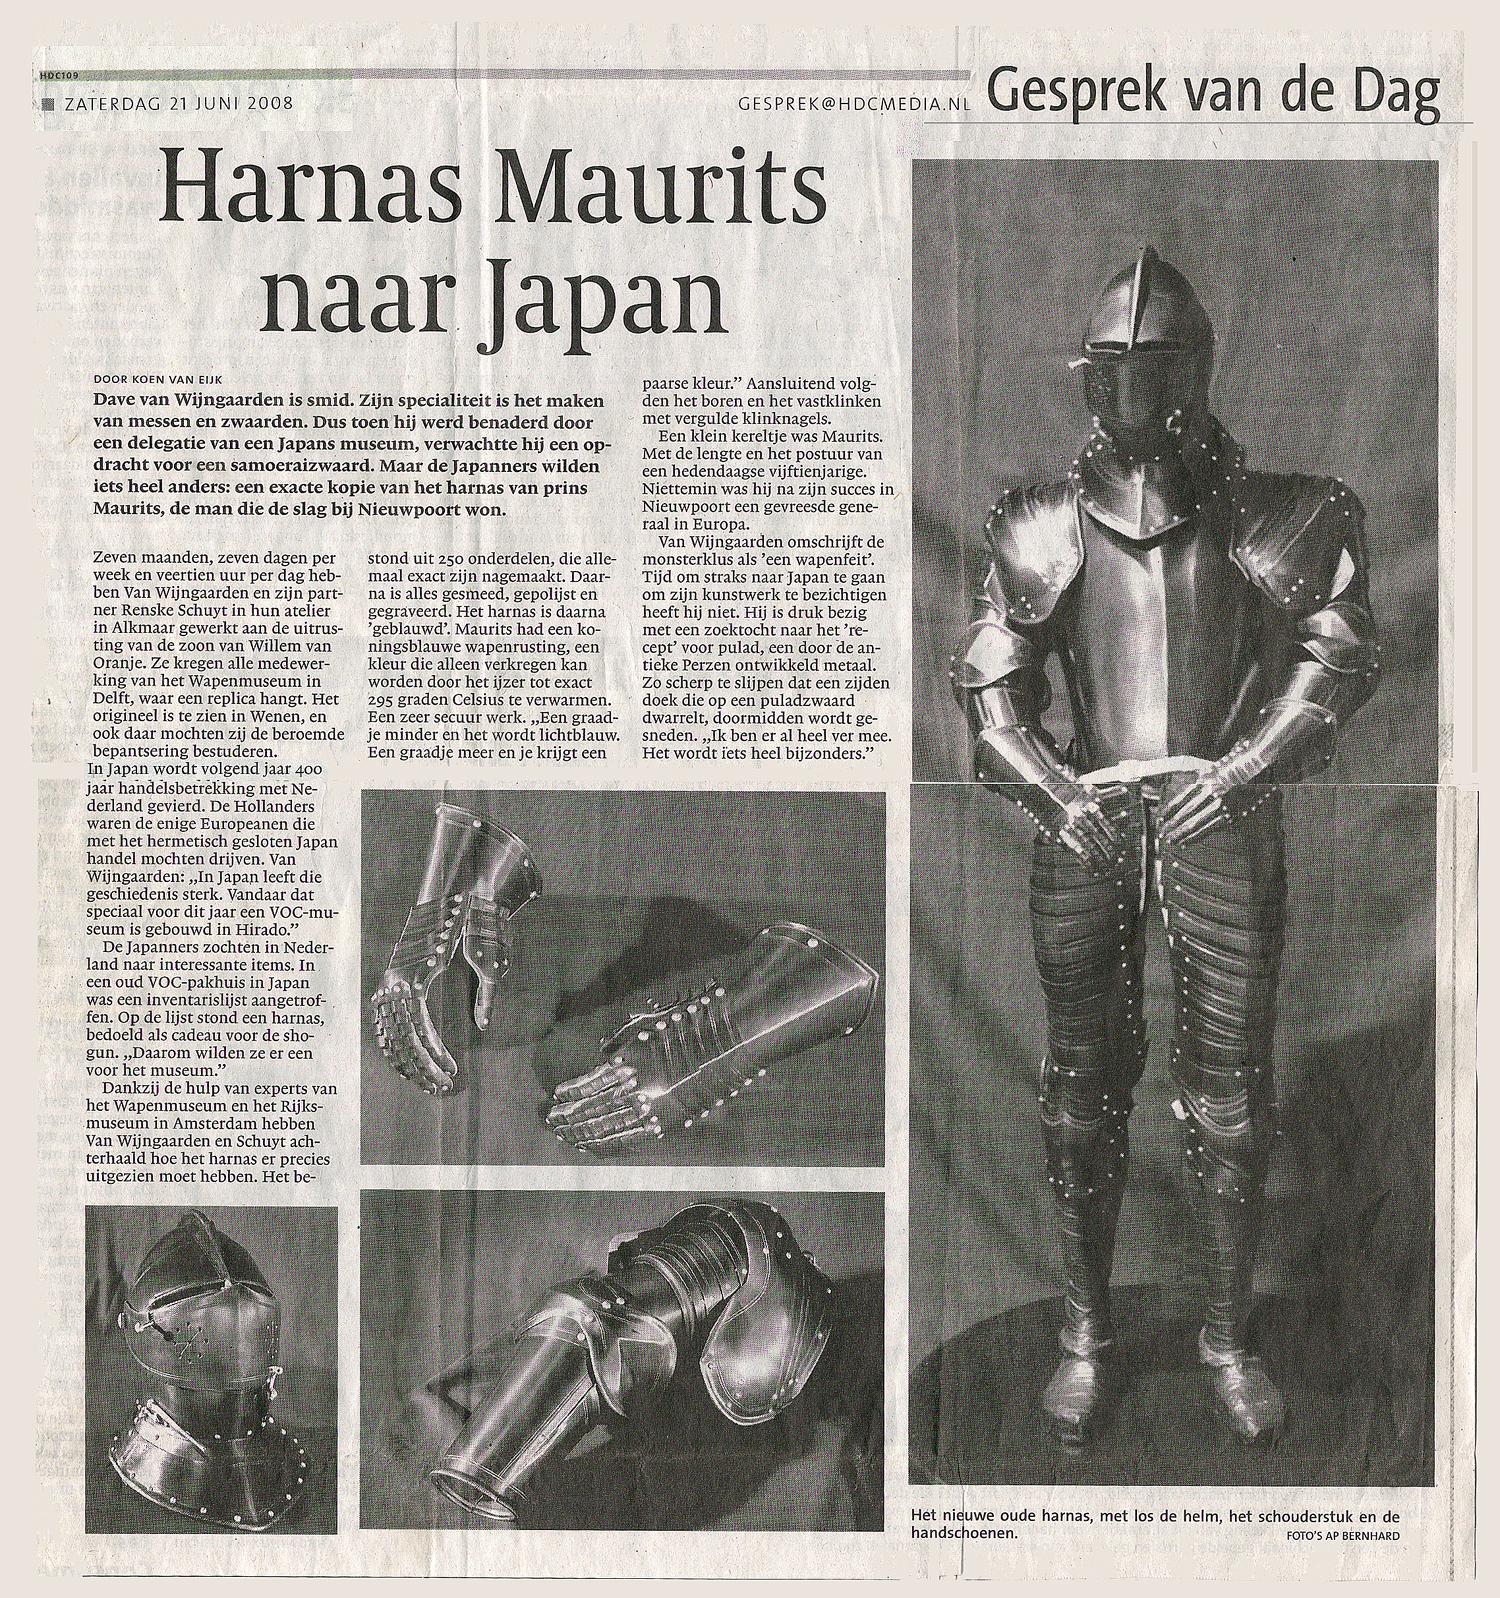 Harnas persbericht